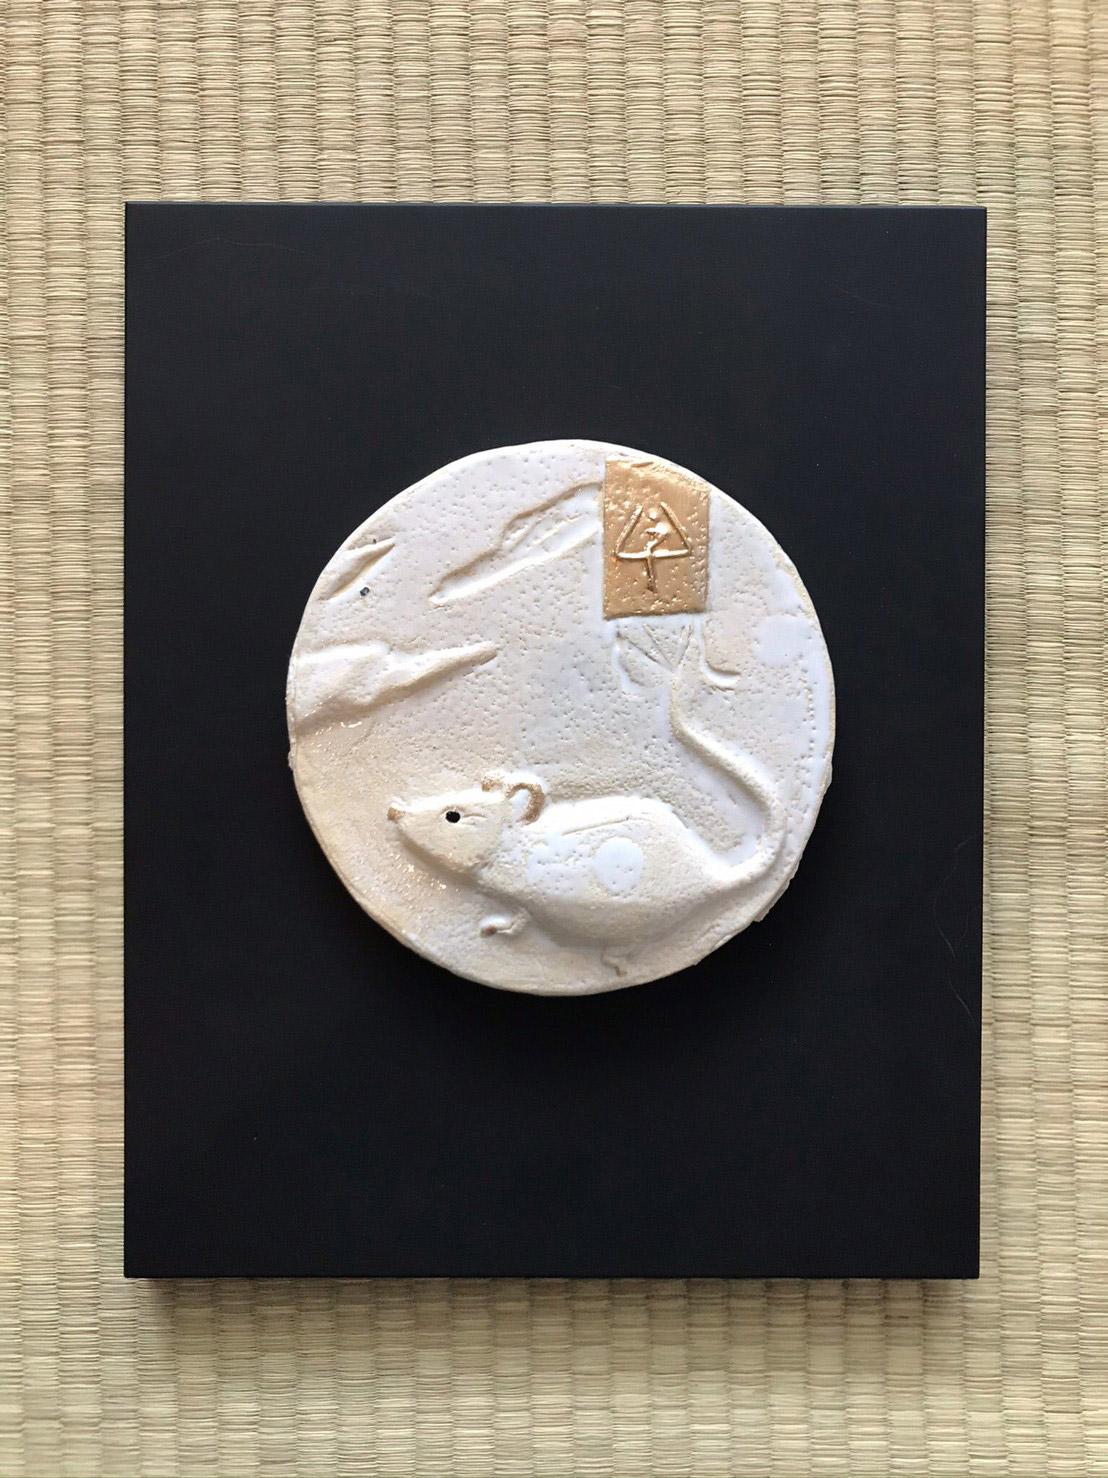 陶芸家 加藤令吉氏作 干支の陶板「始まりの音」